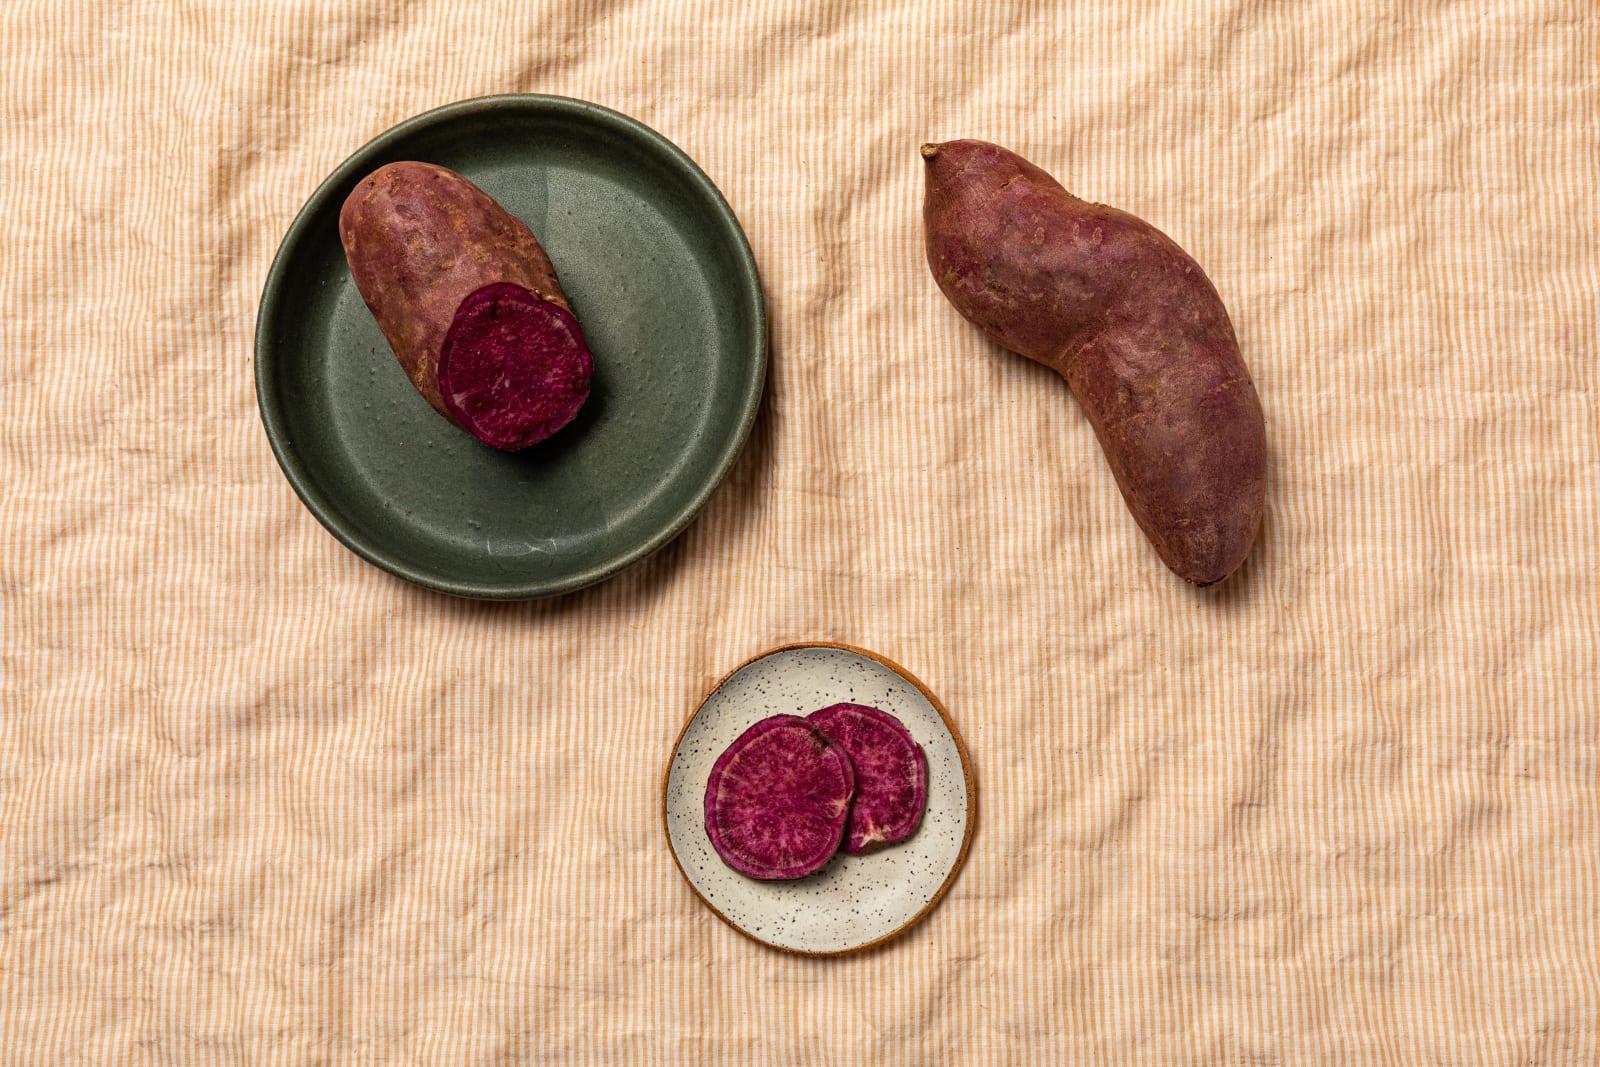 Yumi Purple Sweet Potato ingredients image